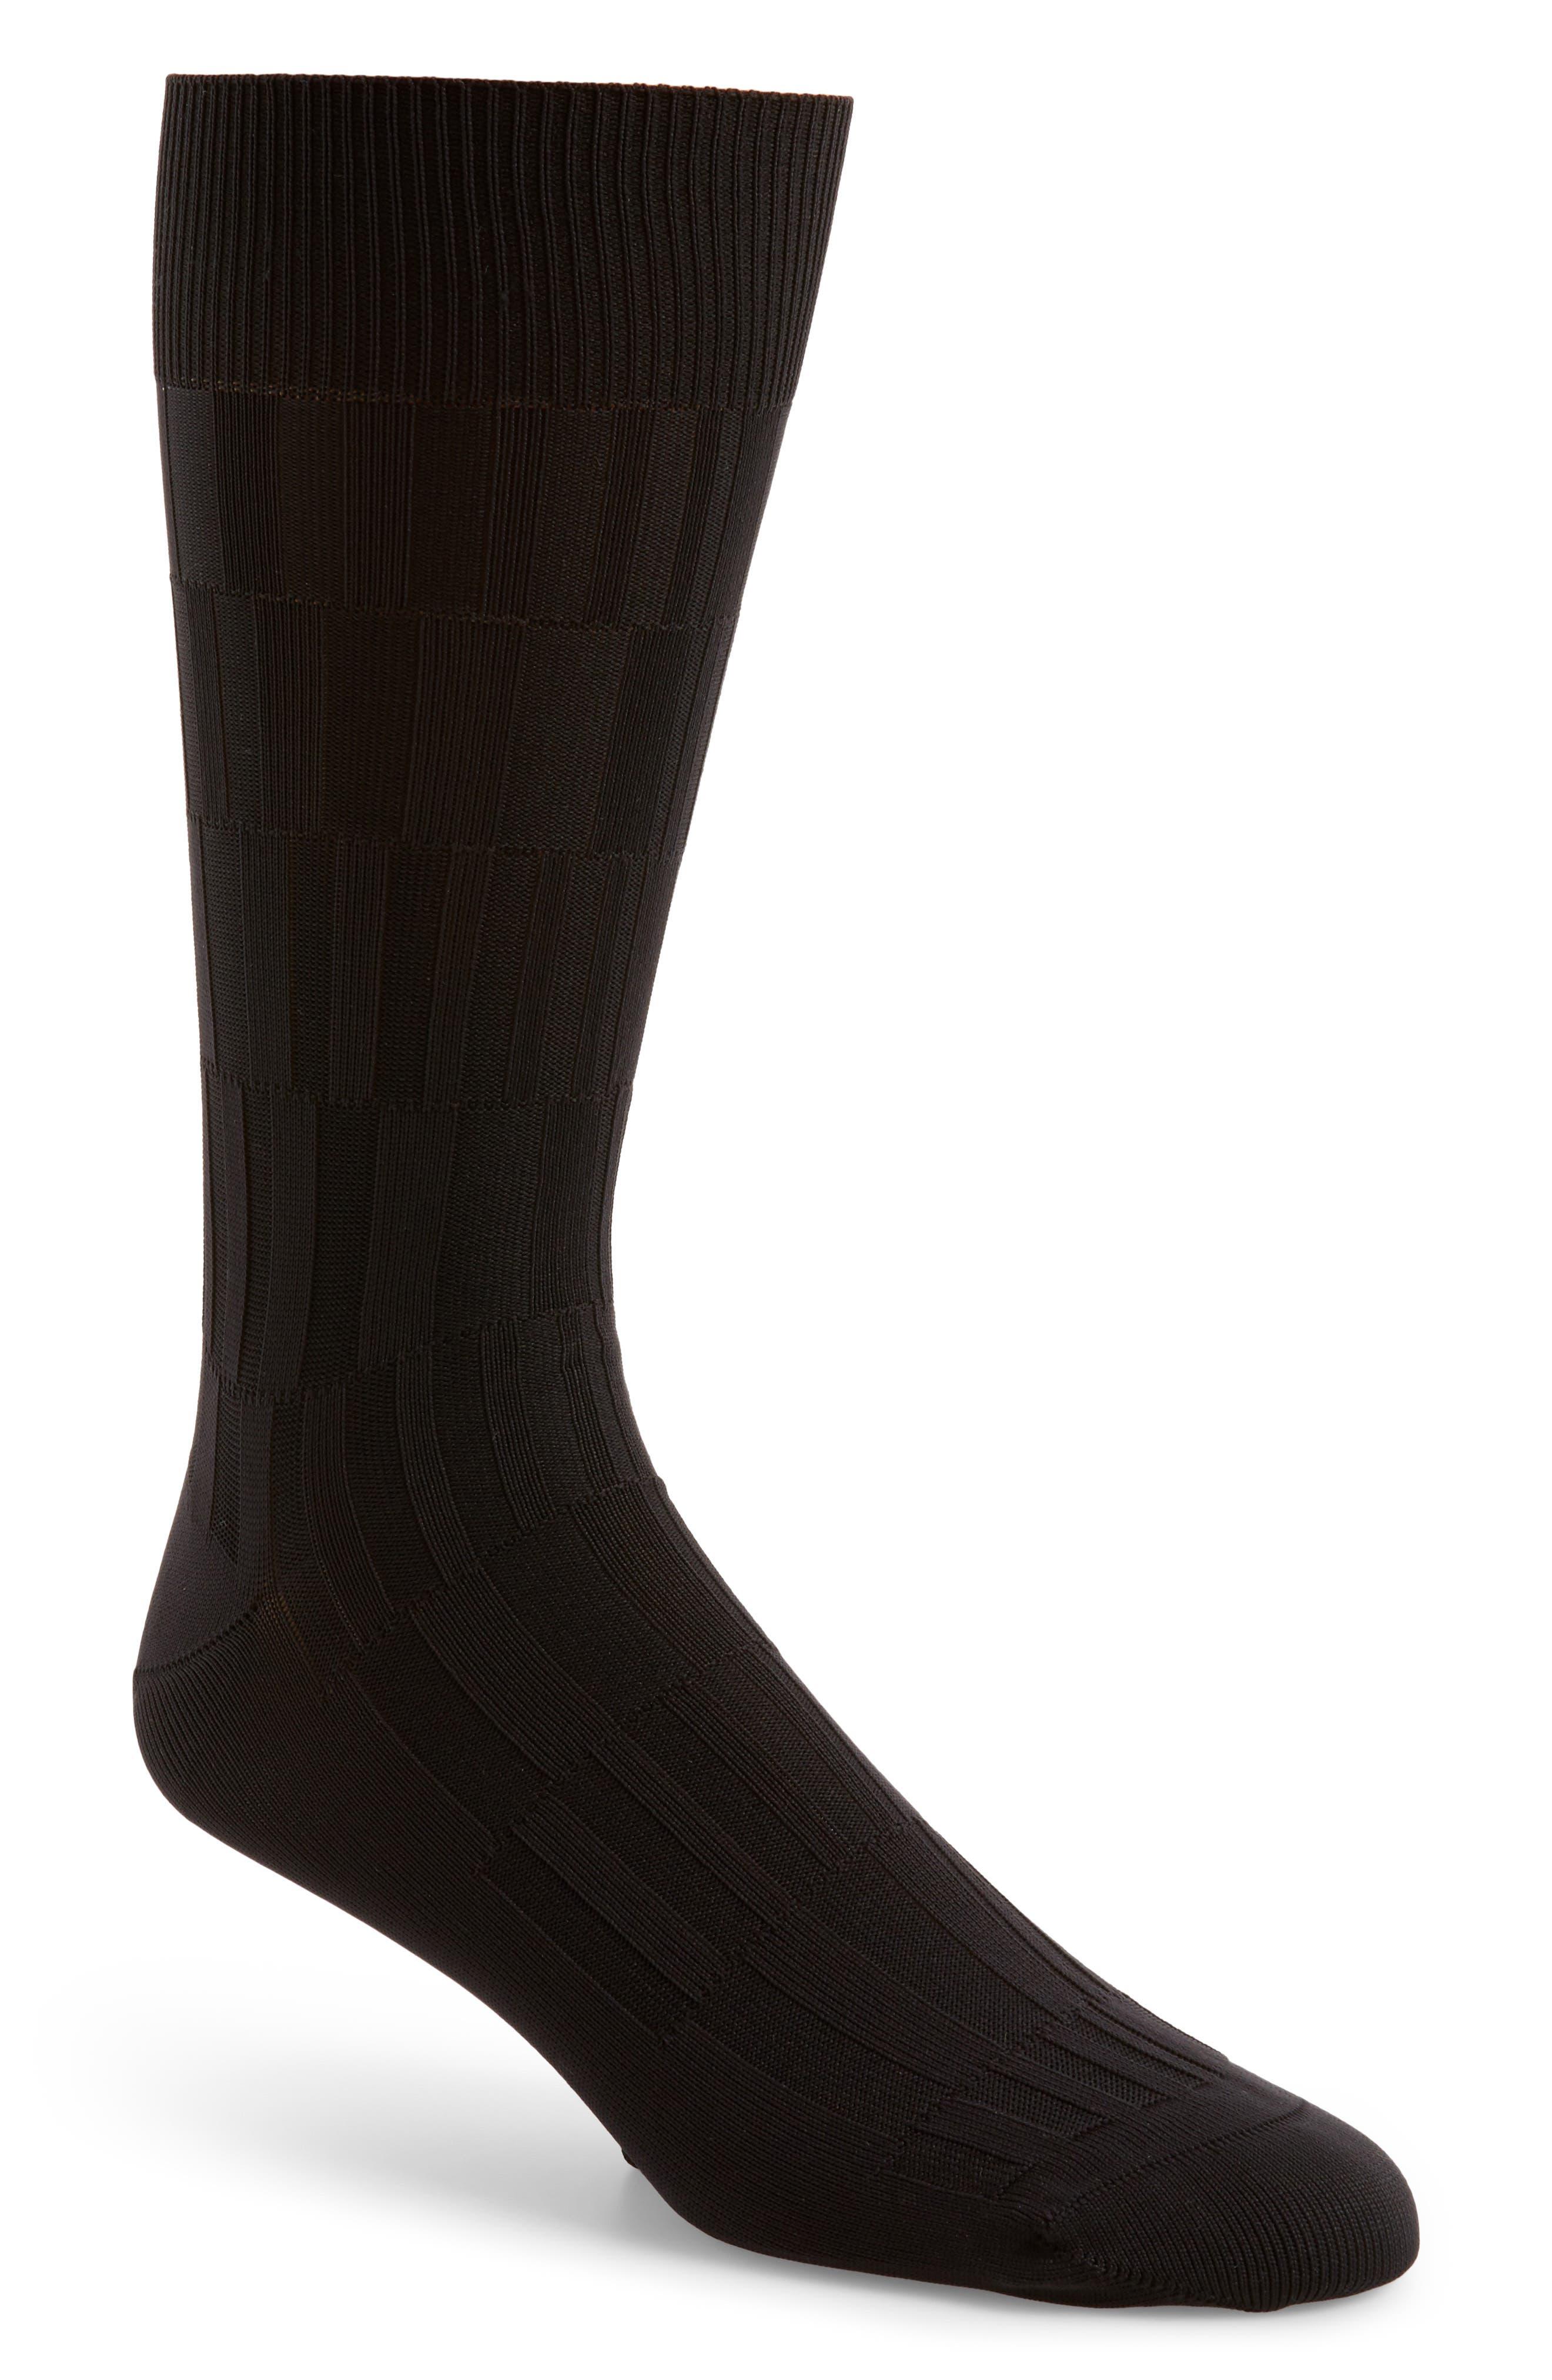 Bar Texture Socks,                             Main thumbnail 1, color,